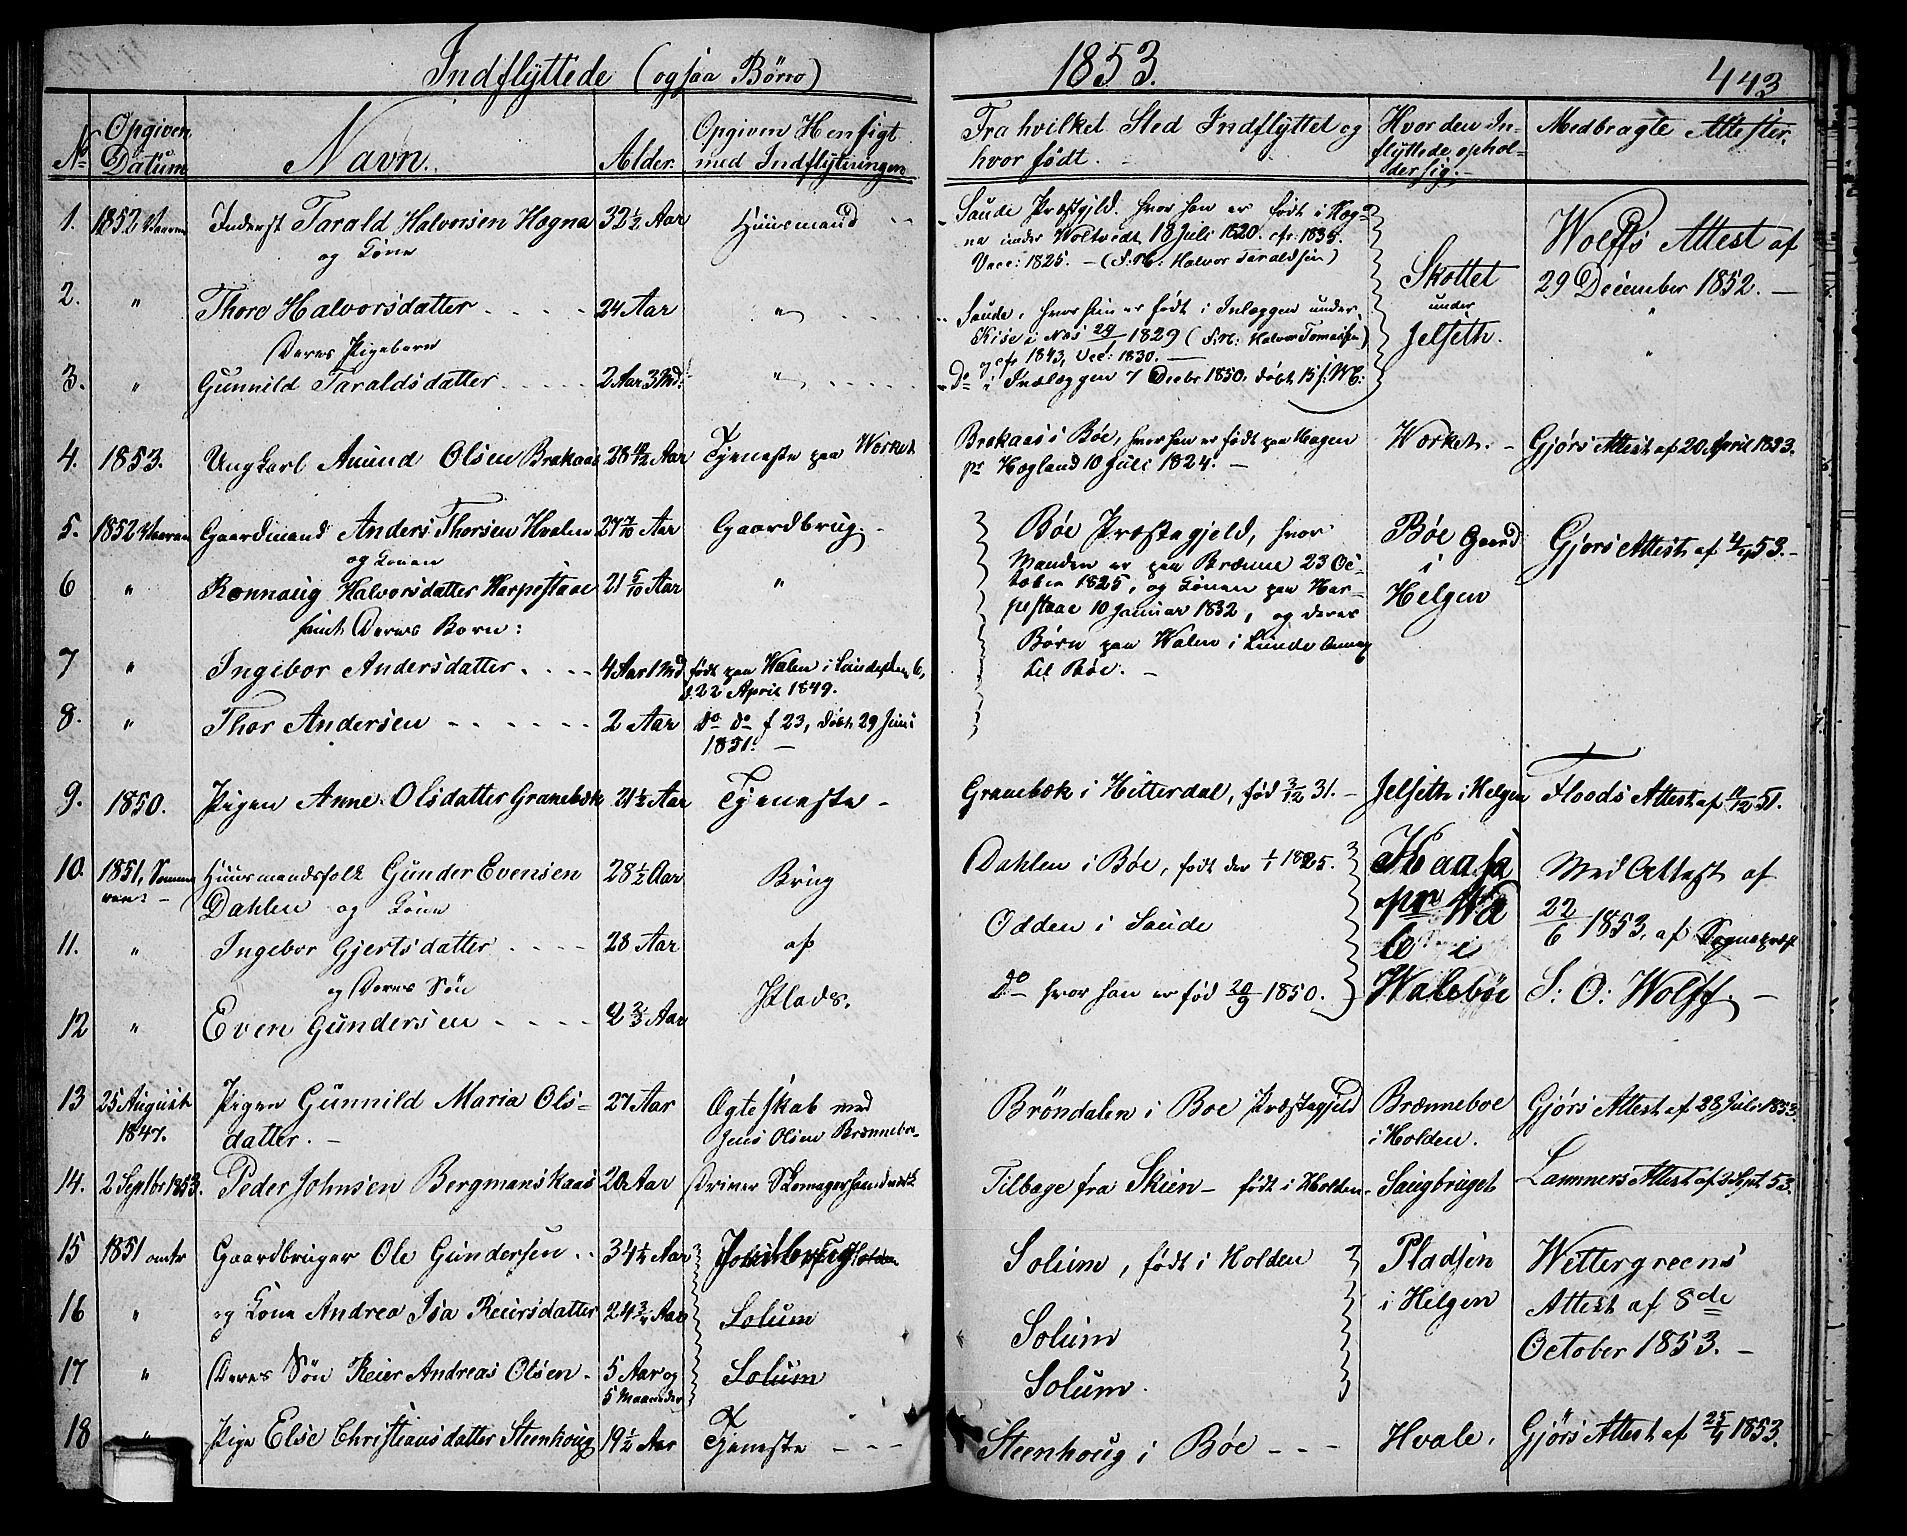 SAKO, Holla kirkebøker, G/Ga/L0003: Klokkerbok nr. I 3, 1849-1866, s. 443